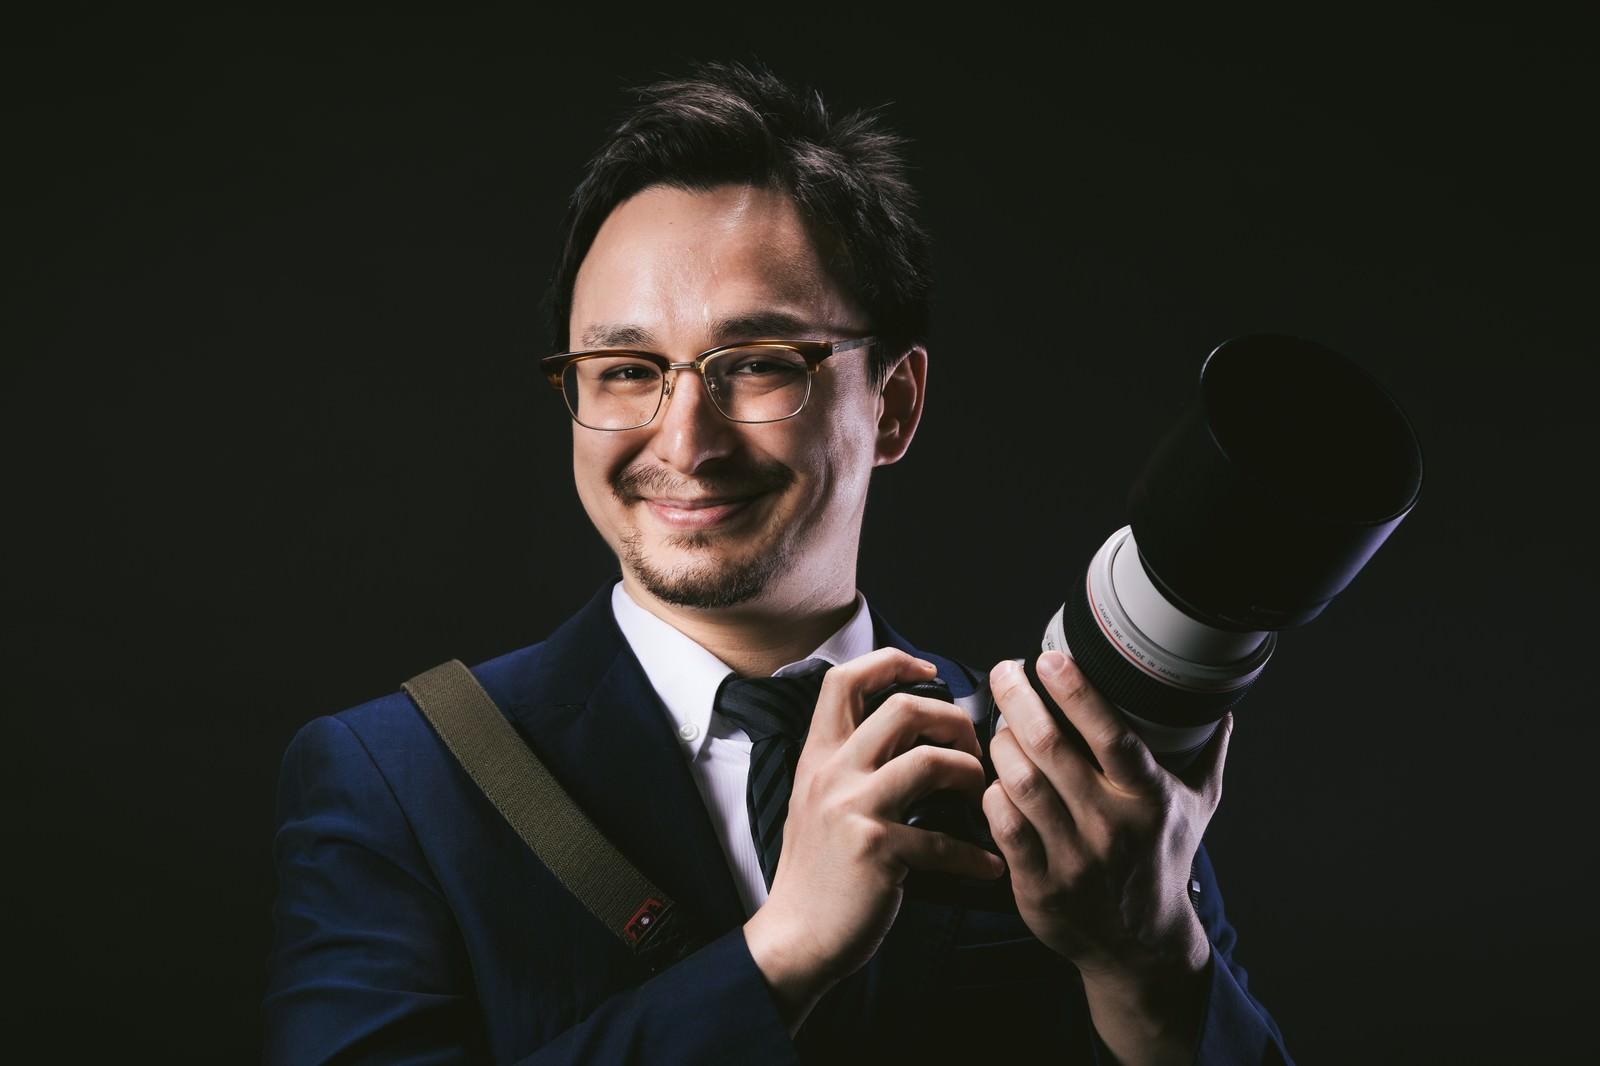 「白レンズをチラつかせるドイツ人ハーフ白レンズをチラつかせるドイツ人ハーフ」[モデル:Max_Ezaki]のフリー写真素材を拡大